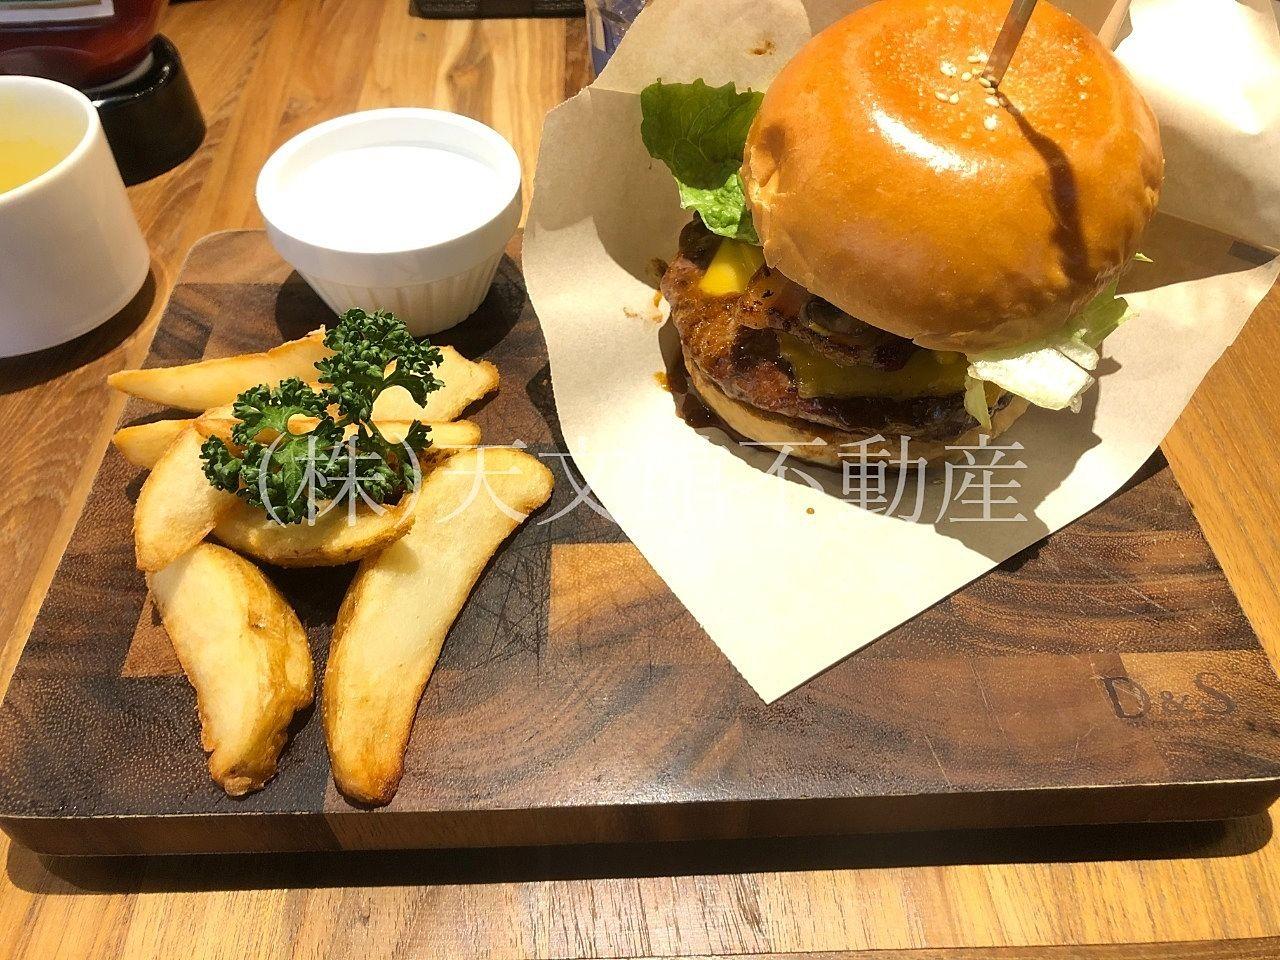 鹿児島市山之口町のNikanbashi Burger Barに行ってきました。